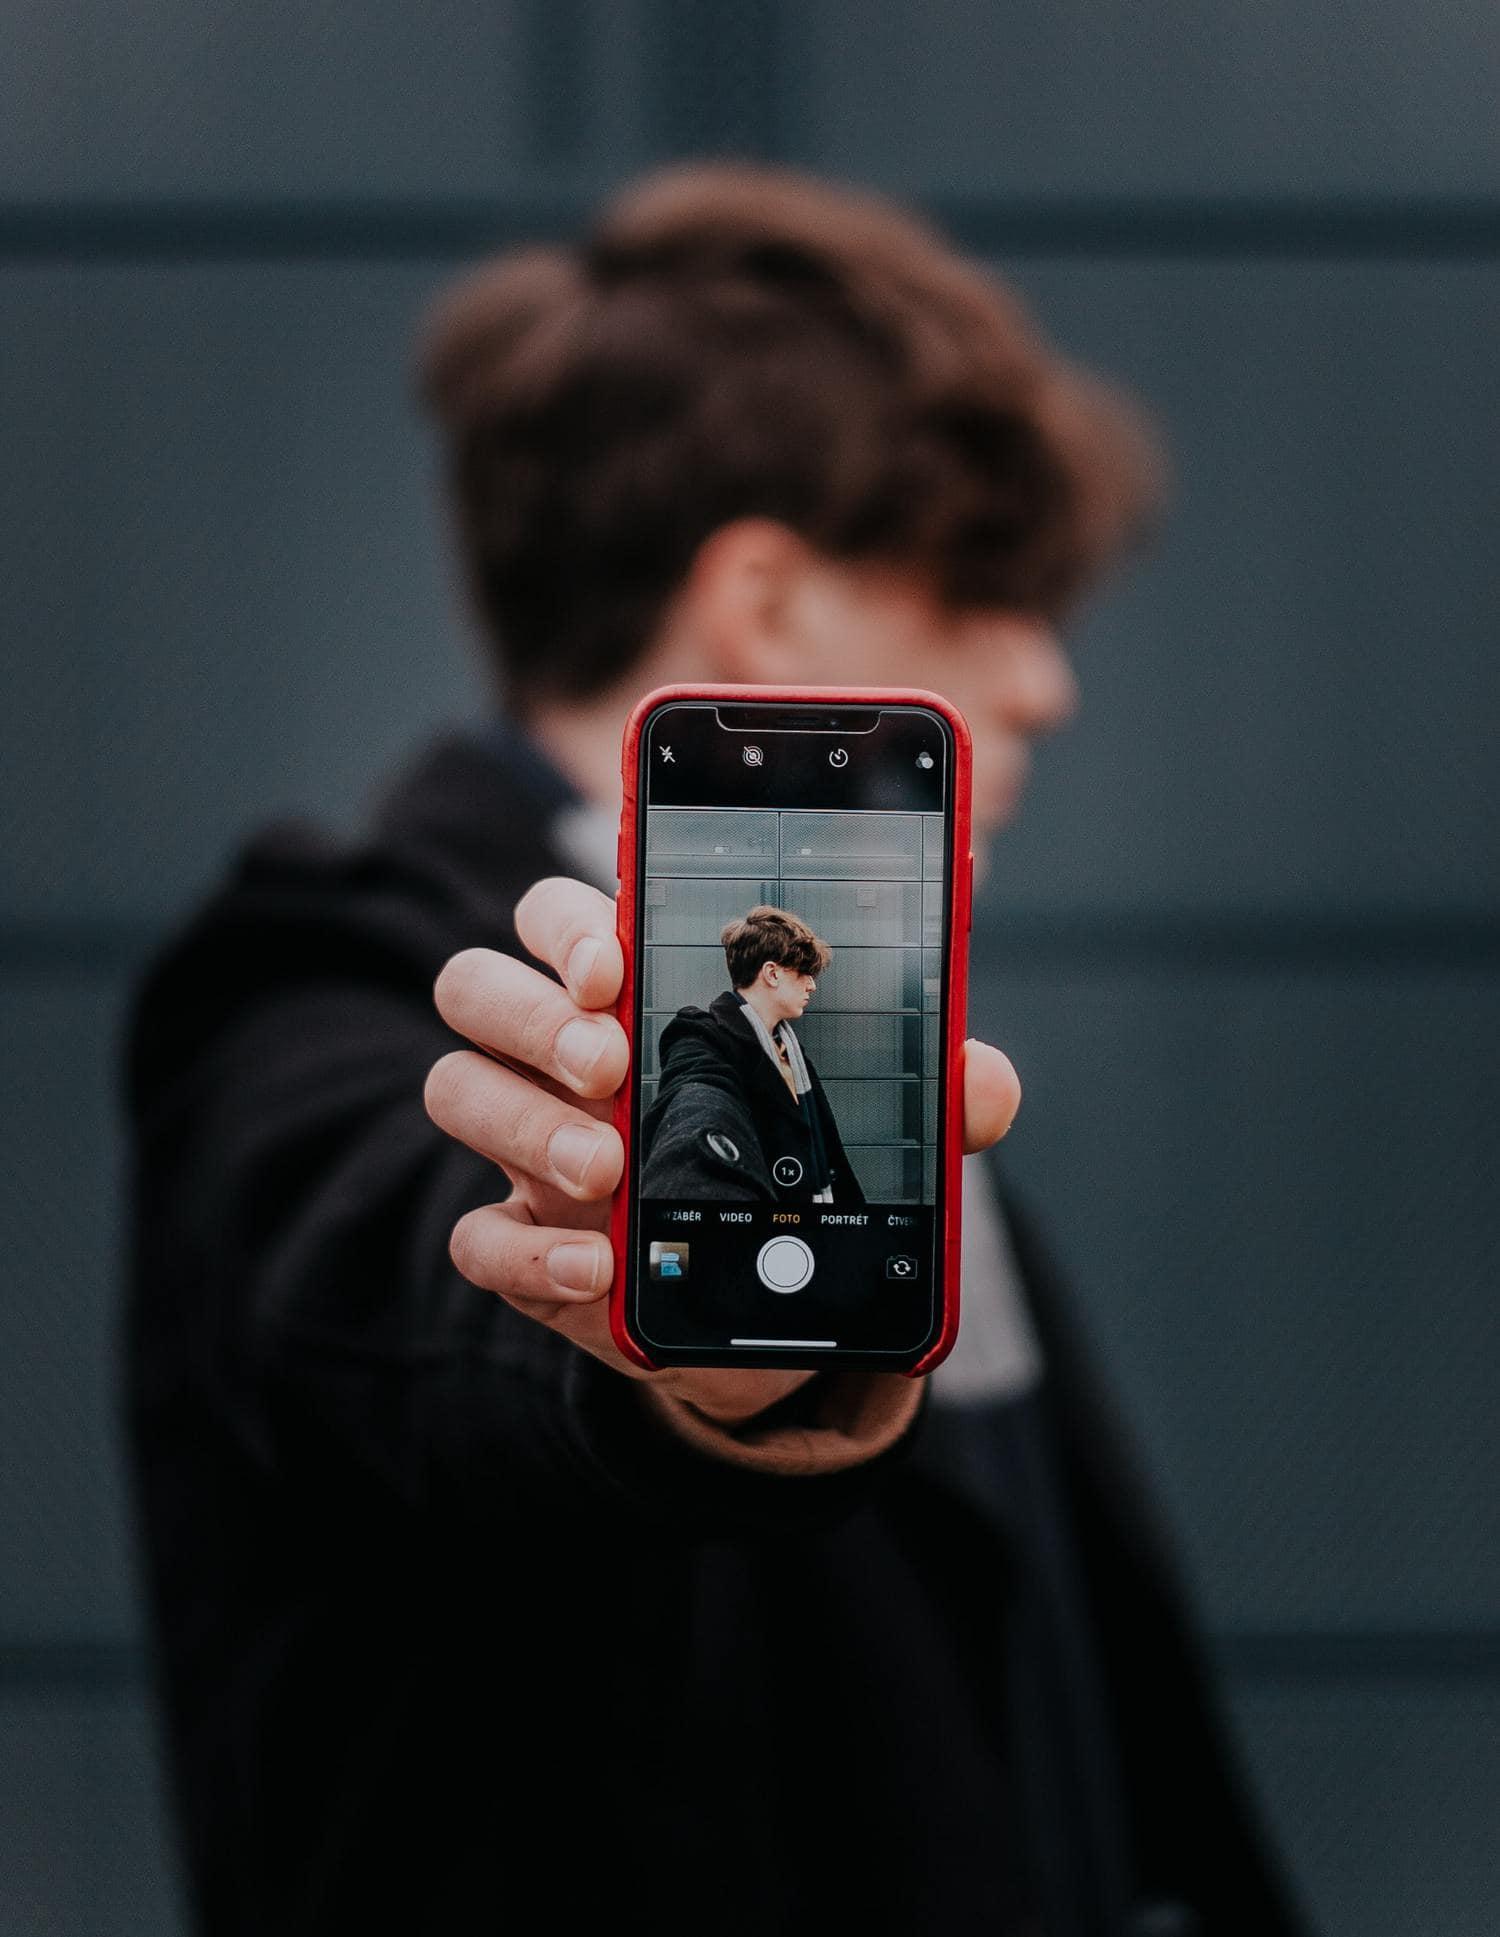 Usar cámara trasera del móvil para hacer fotos más nítidas